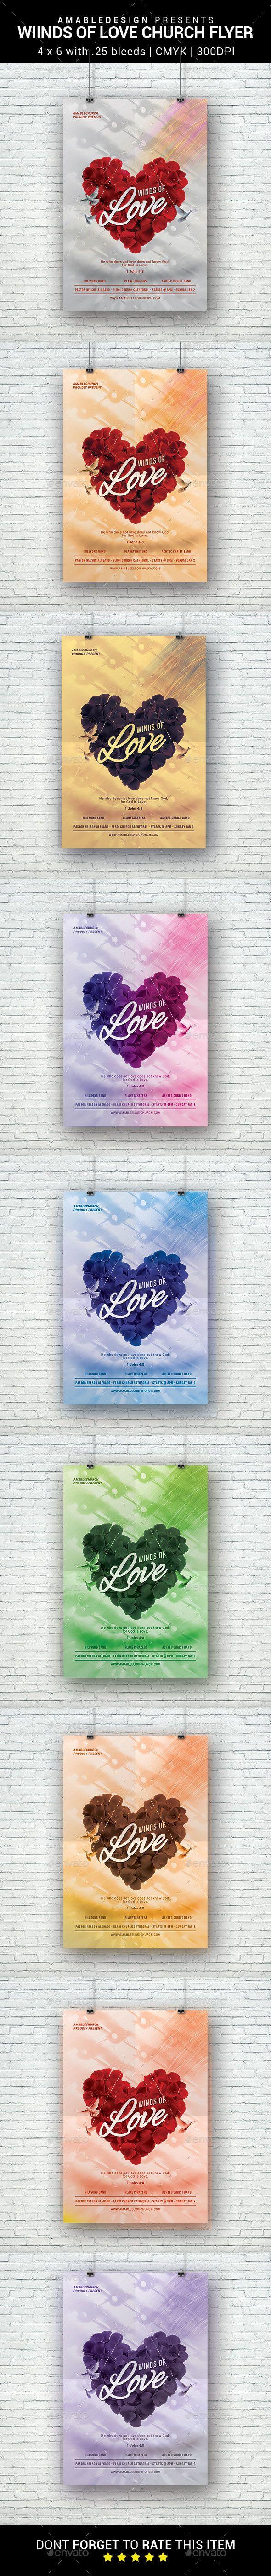 Mejores 1222 imágenes de Flyer Design Ideas Business en Pinterest ...